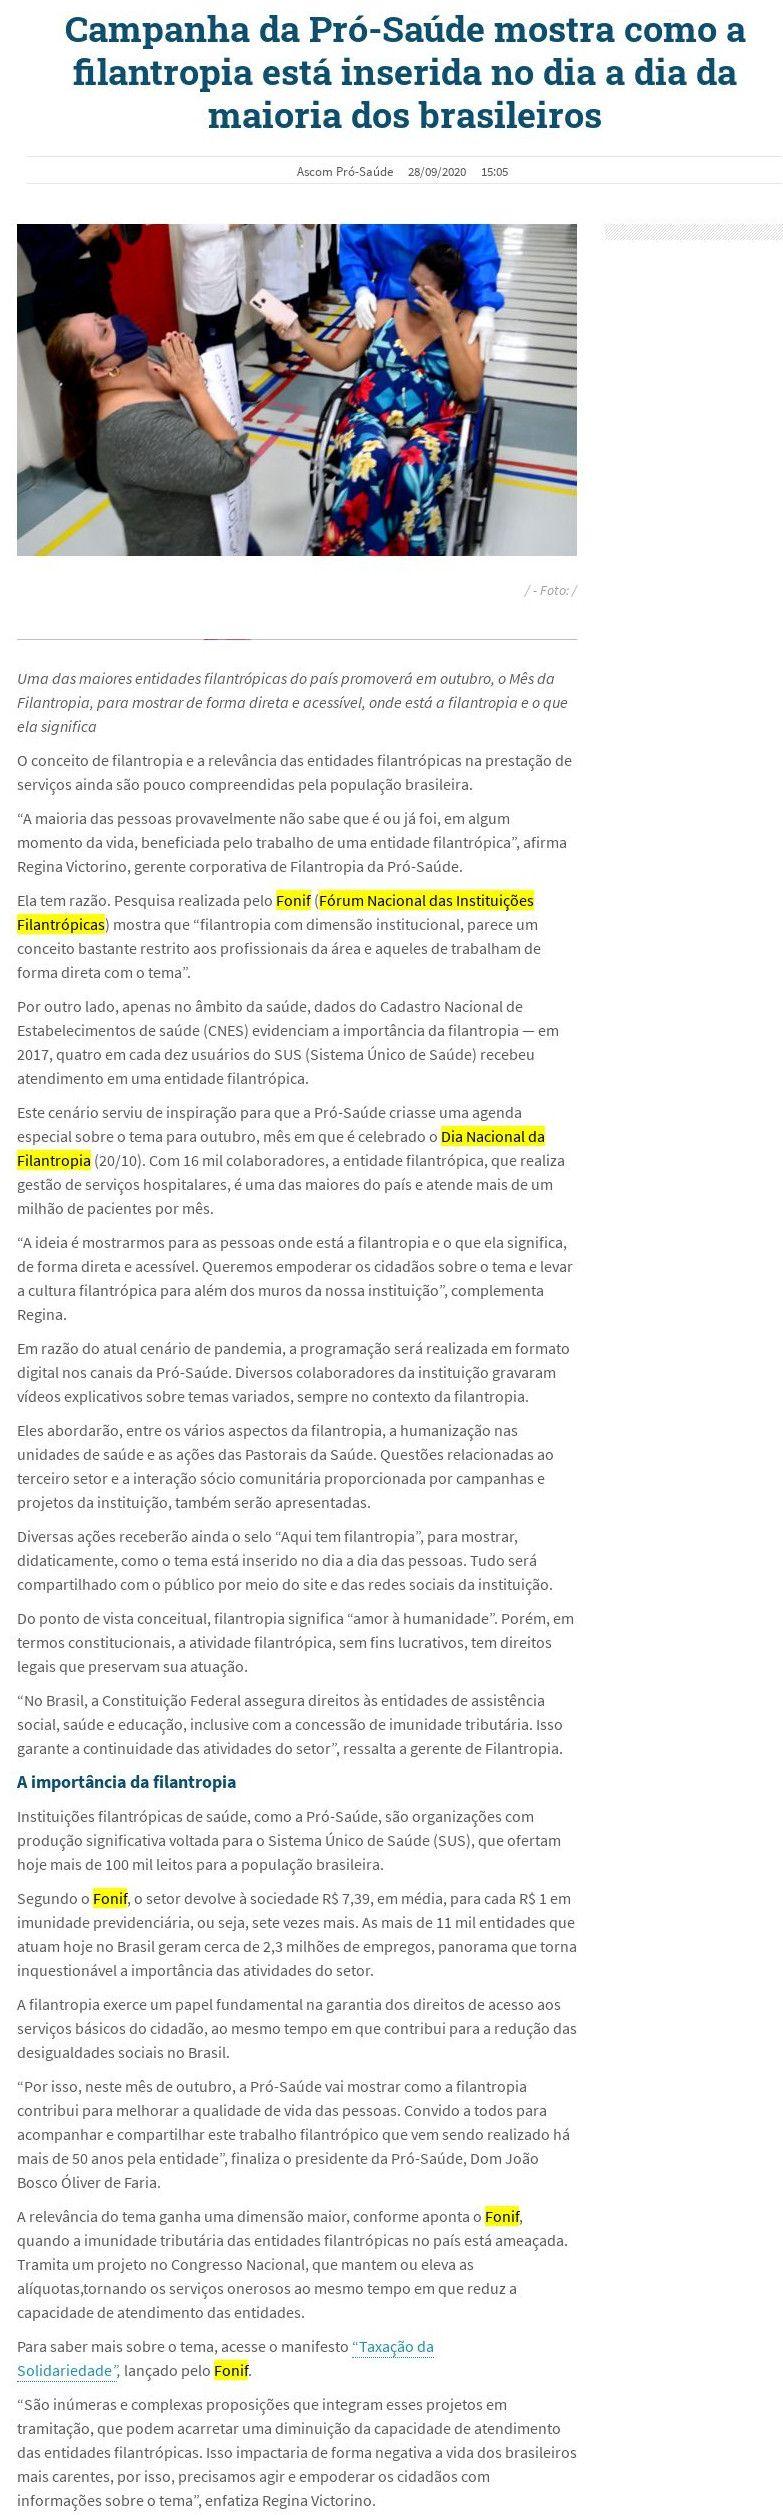 Campanha da Pró-Saúde mostra como a filantropia está inserida no dia a dia da maioria dos brasileiros Folha PA -